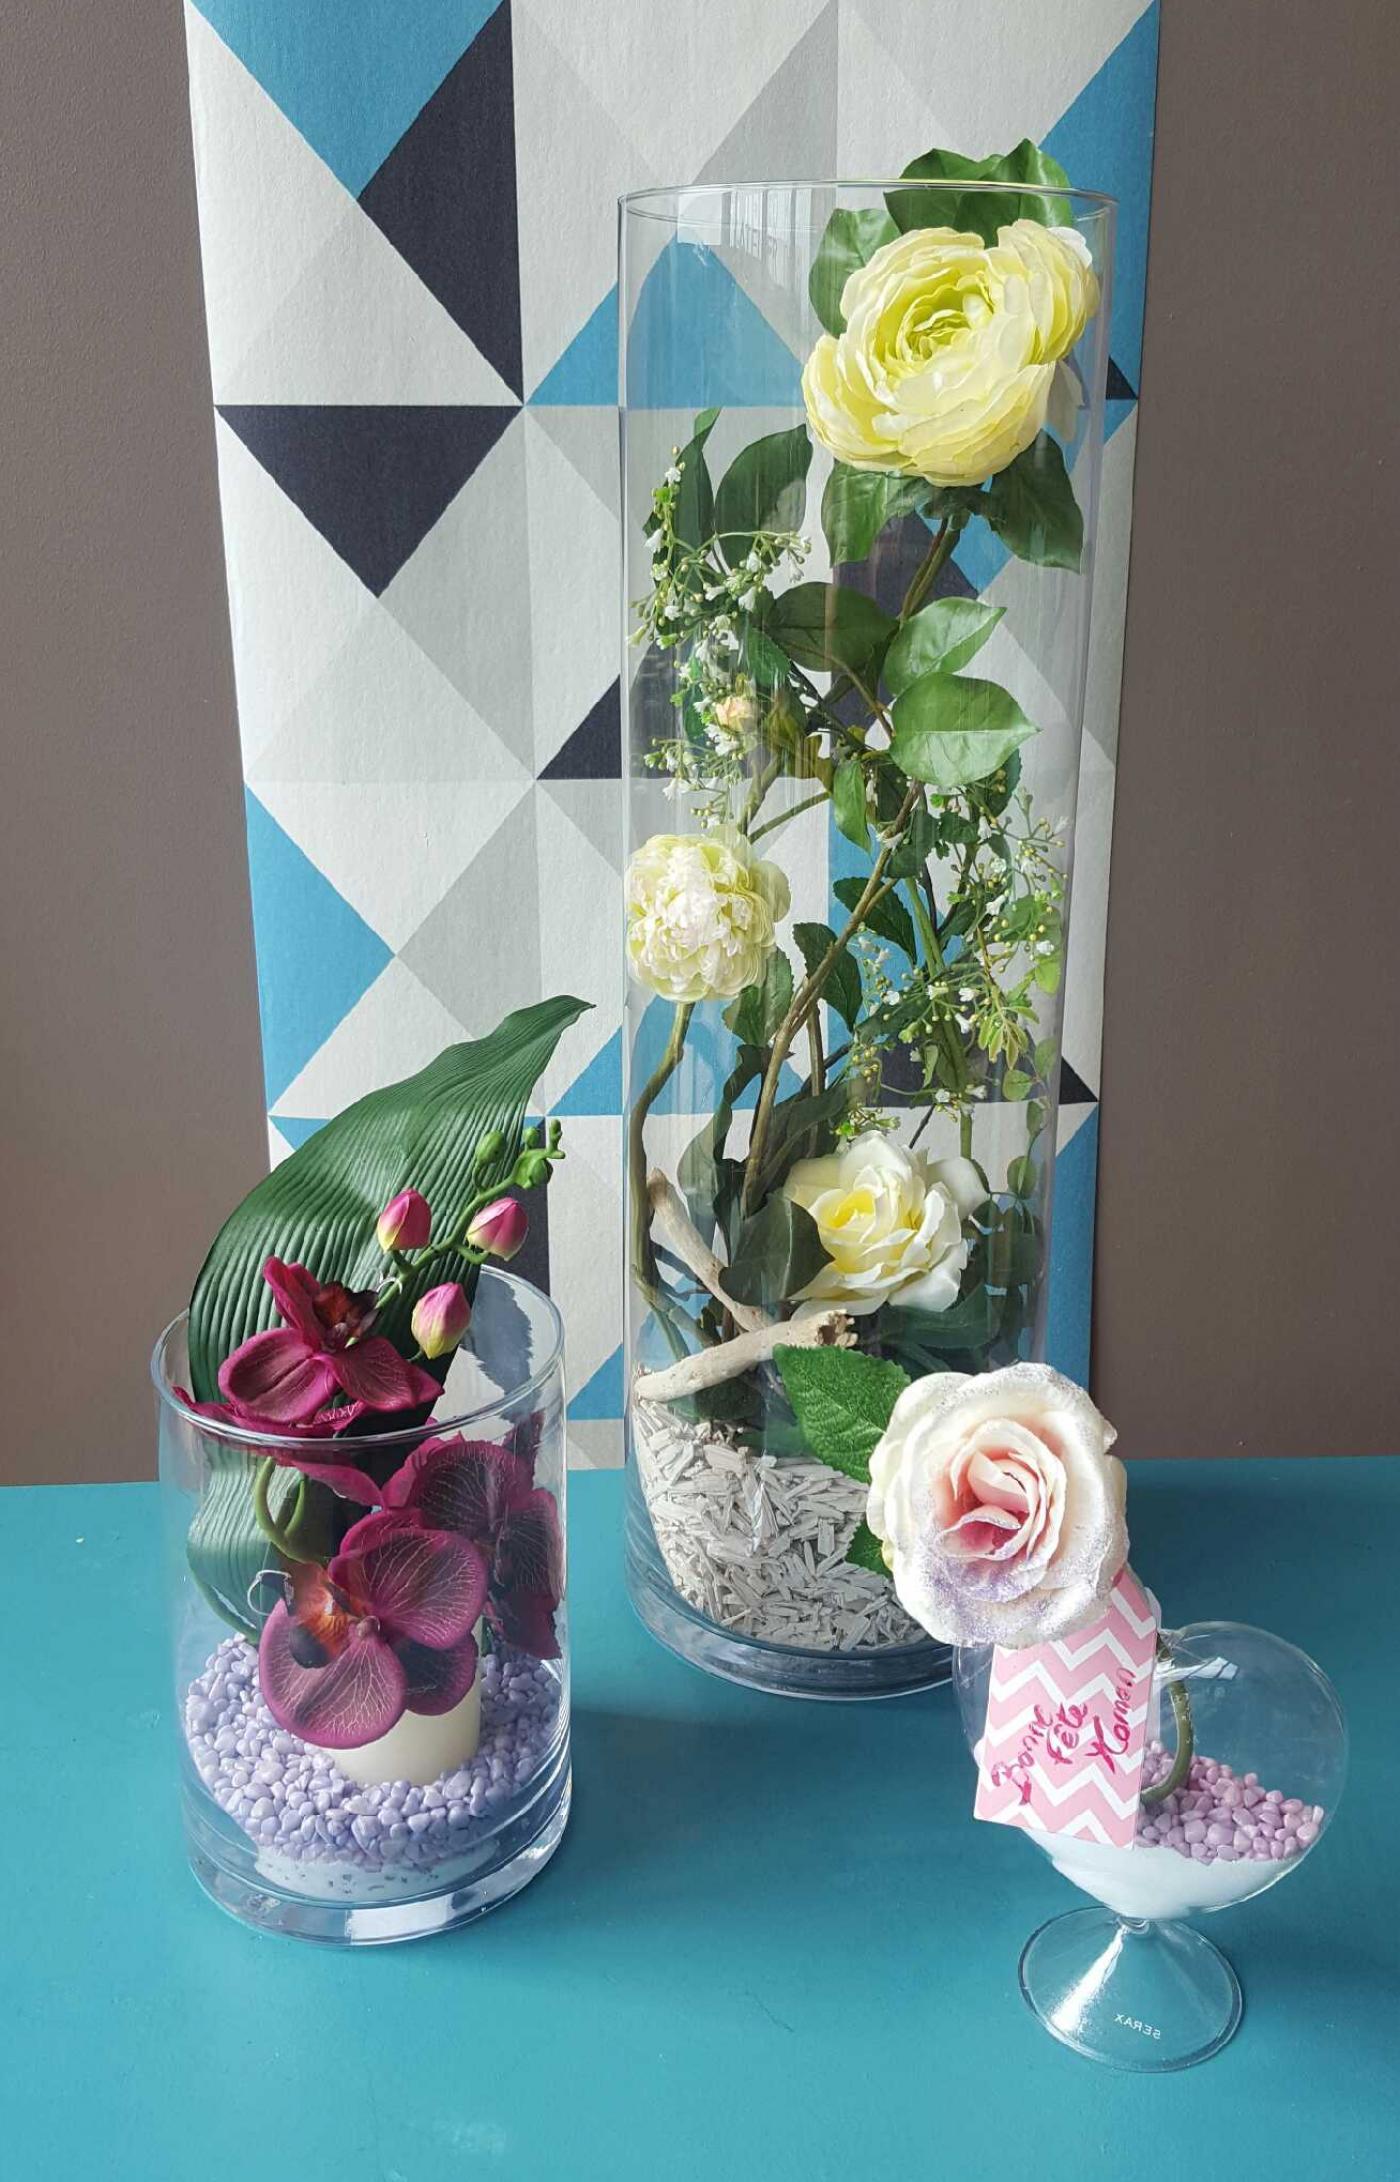 J'ai choisi pour ma maman une composition florale